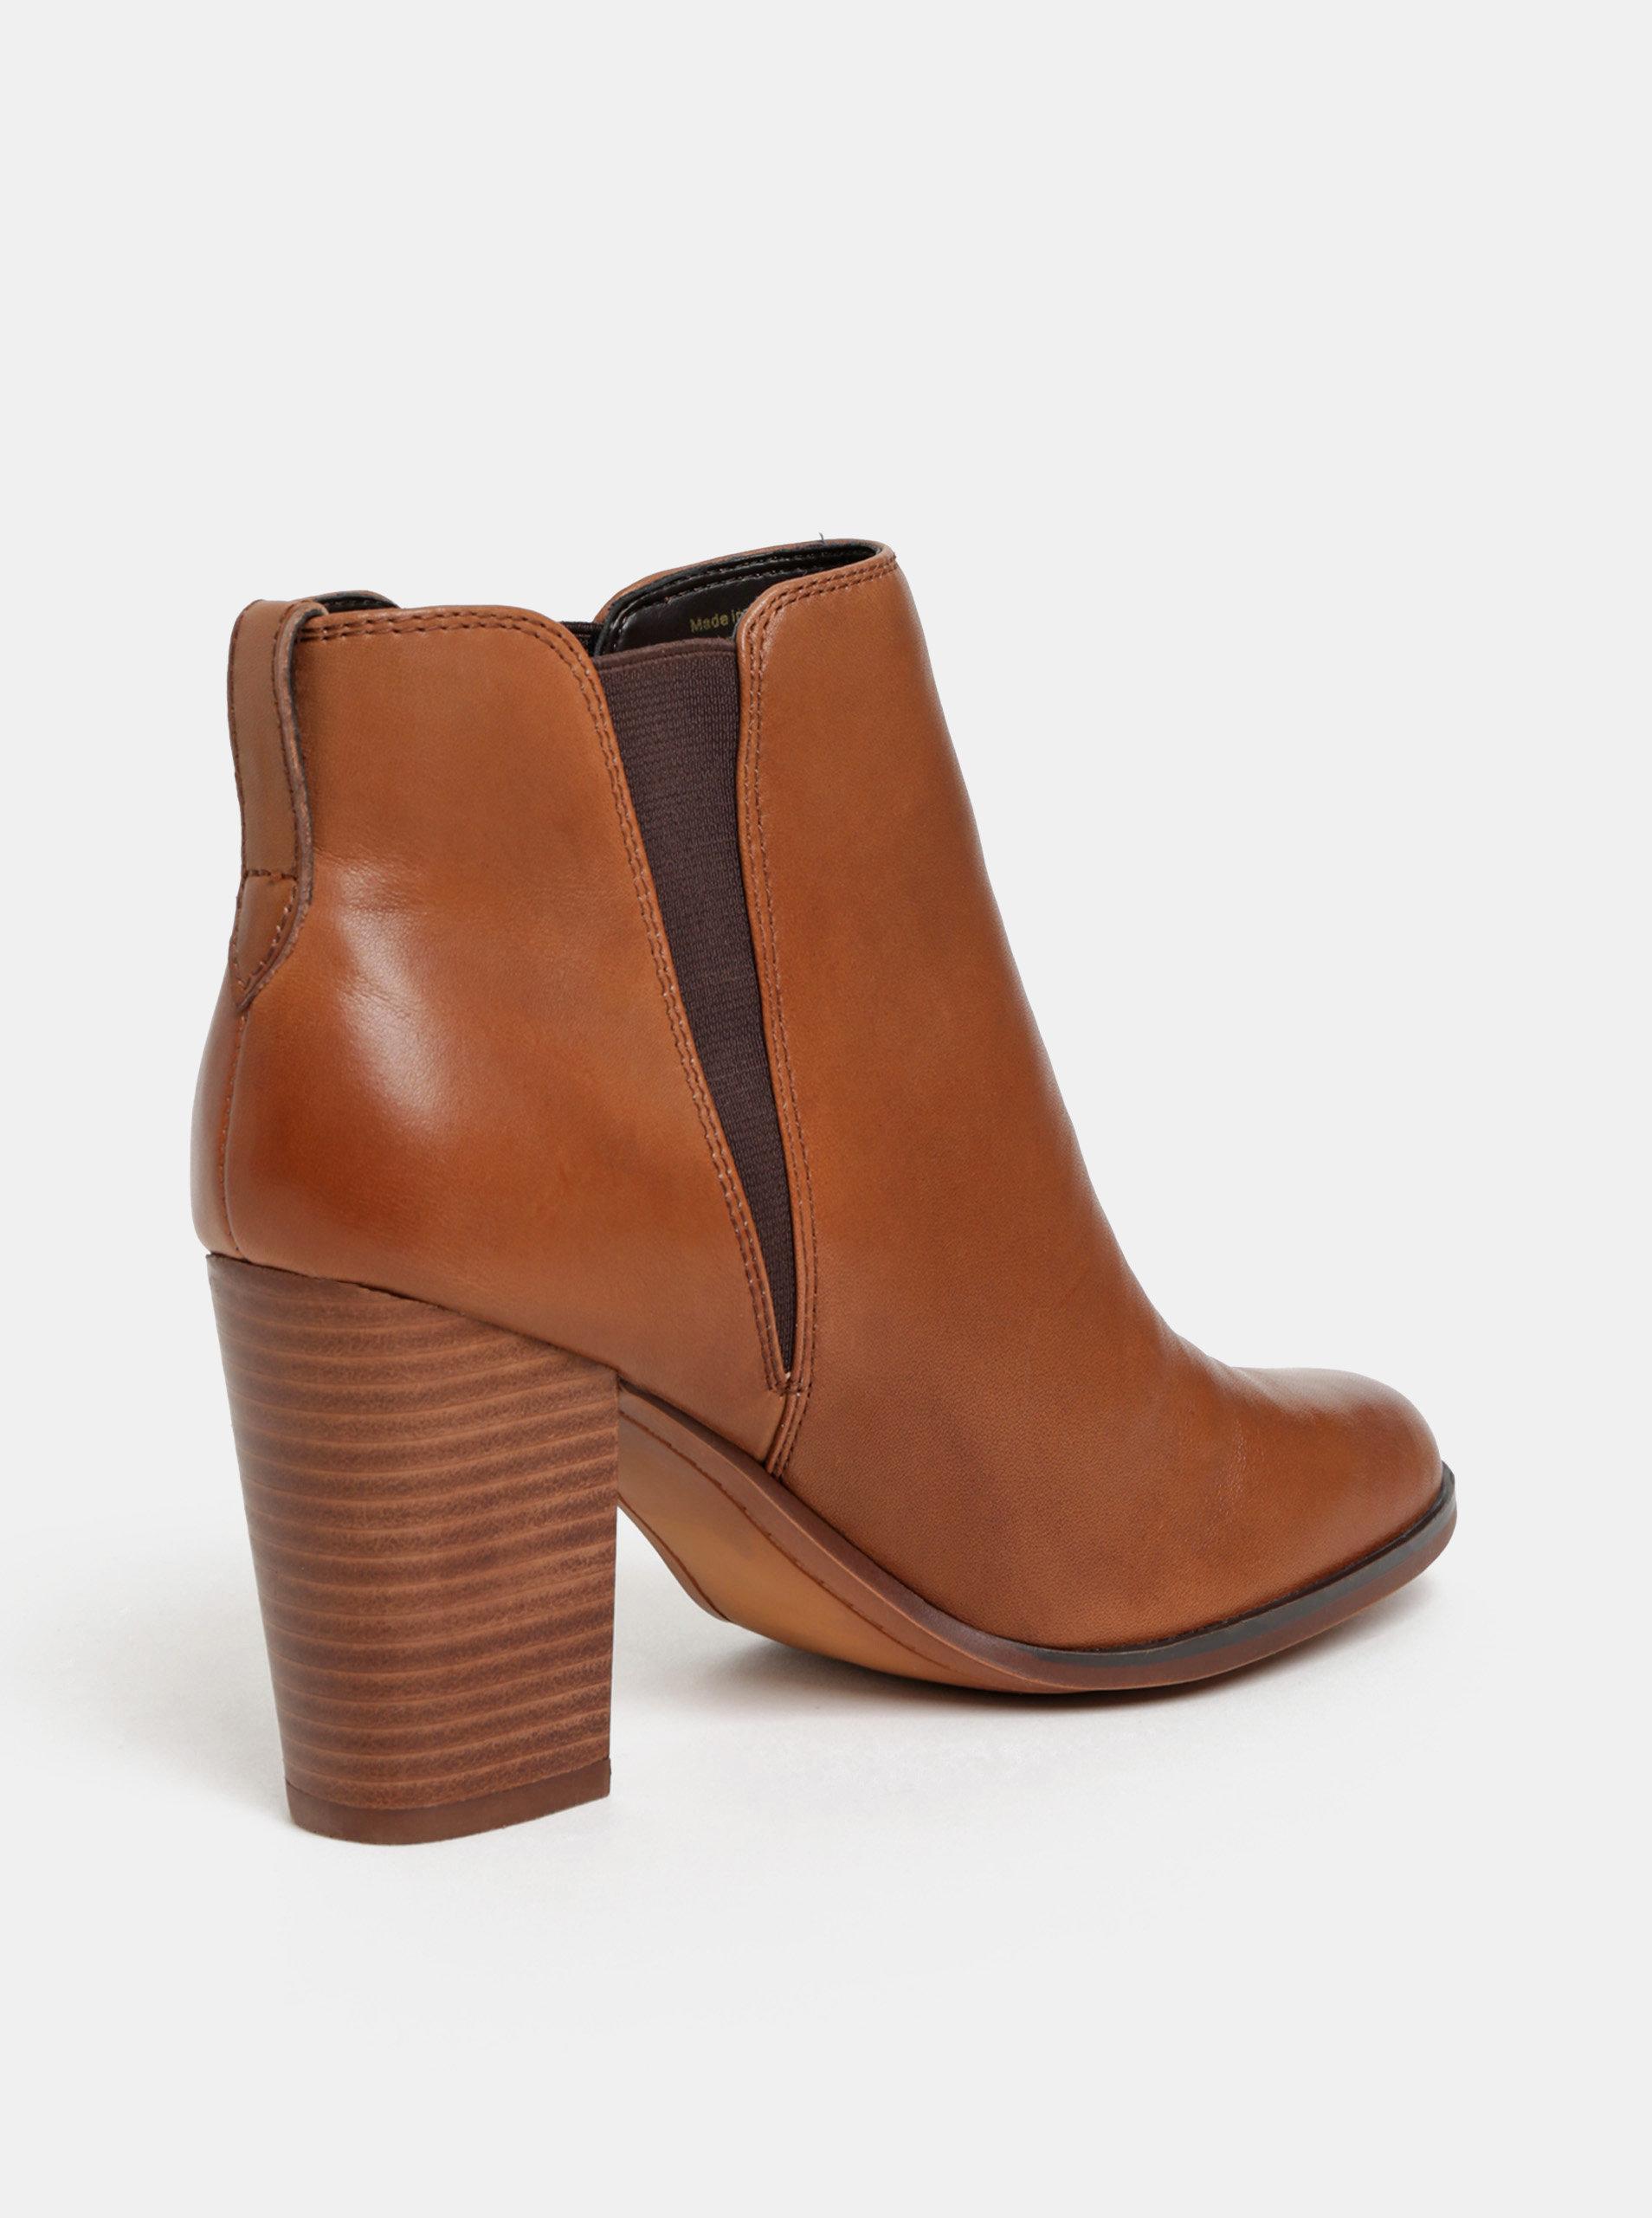 Hnědé dámské kožené chelsea boty ALDO Pessa ... 2ed236f410